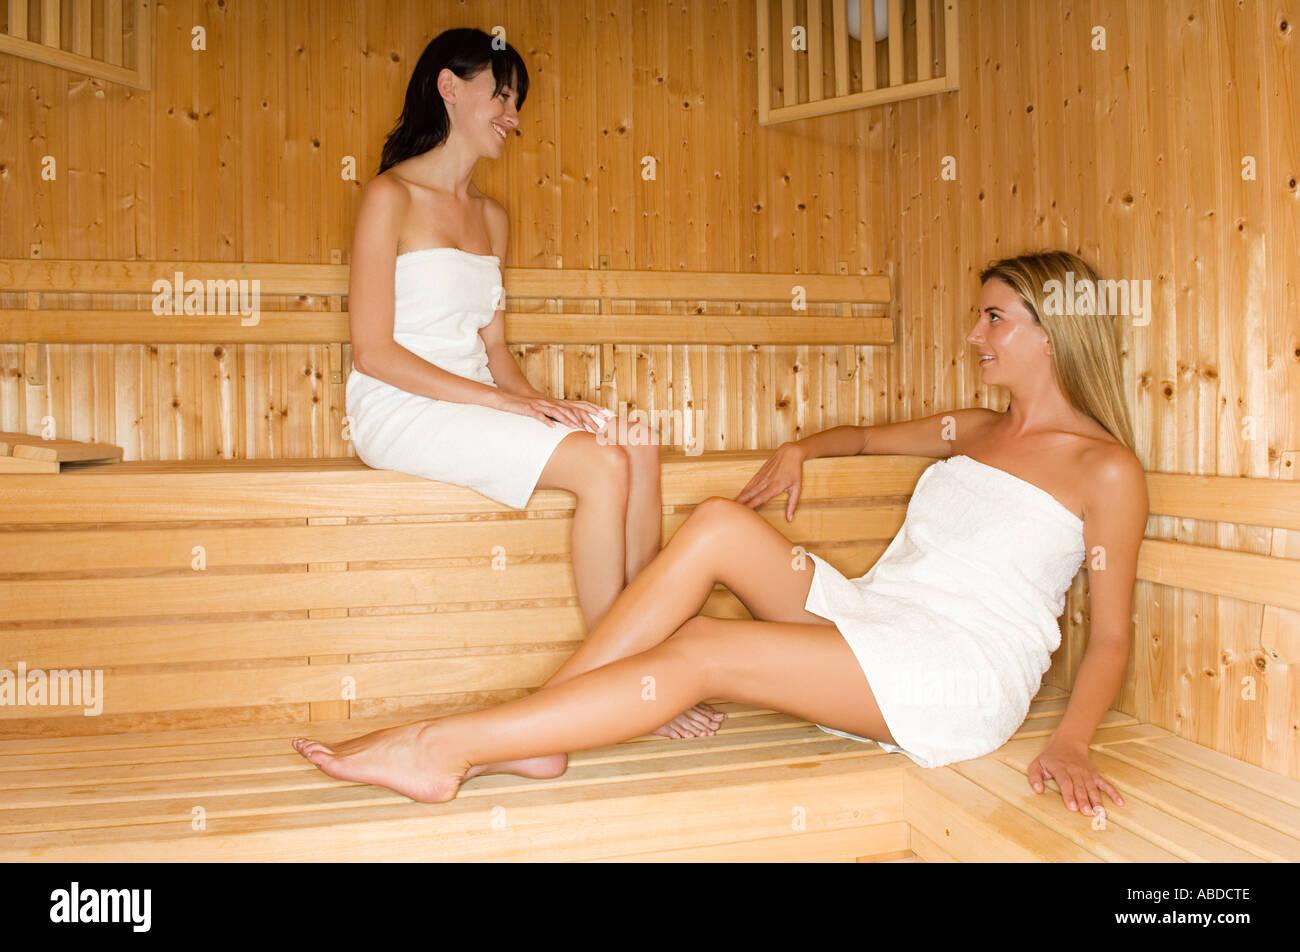 Frauen In Sauna : zwei frauen in der sauna stockfoto bild 7347853 alamy ~ Whattoseeinmadrid.com Haus und Dekorationen